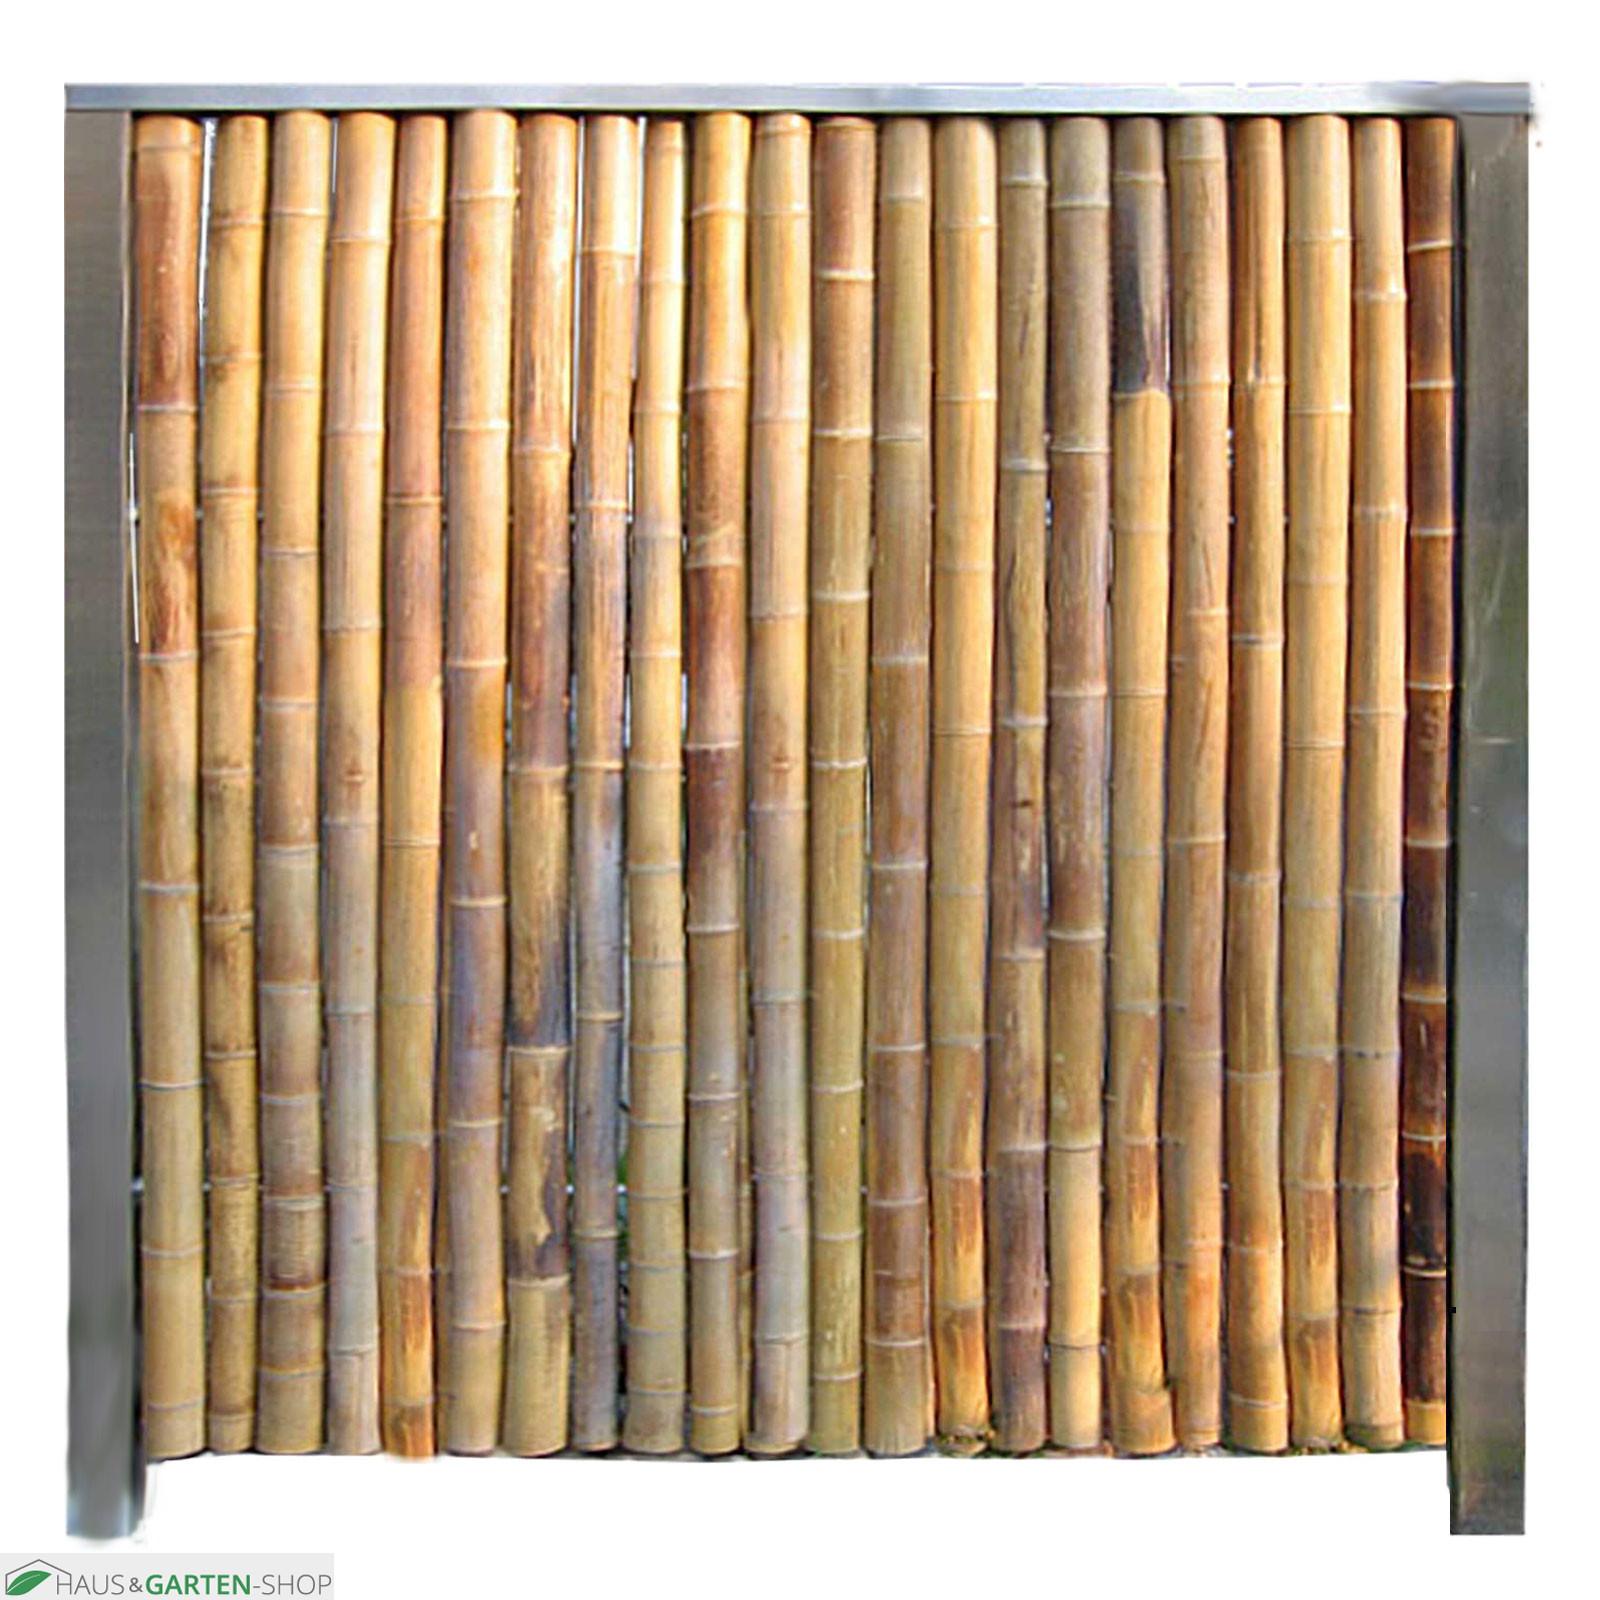 Full Size of Bambuswand Anfangswand Bambus In Edelstahl Eingefasst Garten Schaukelstuhl Sichtschutz Klappstuhl Im Rattan Sofa Spielgeräte Kinderspielturm Kräutergarten Wohnzimmer Bambus Paravent Garten